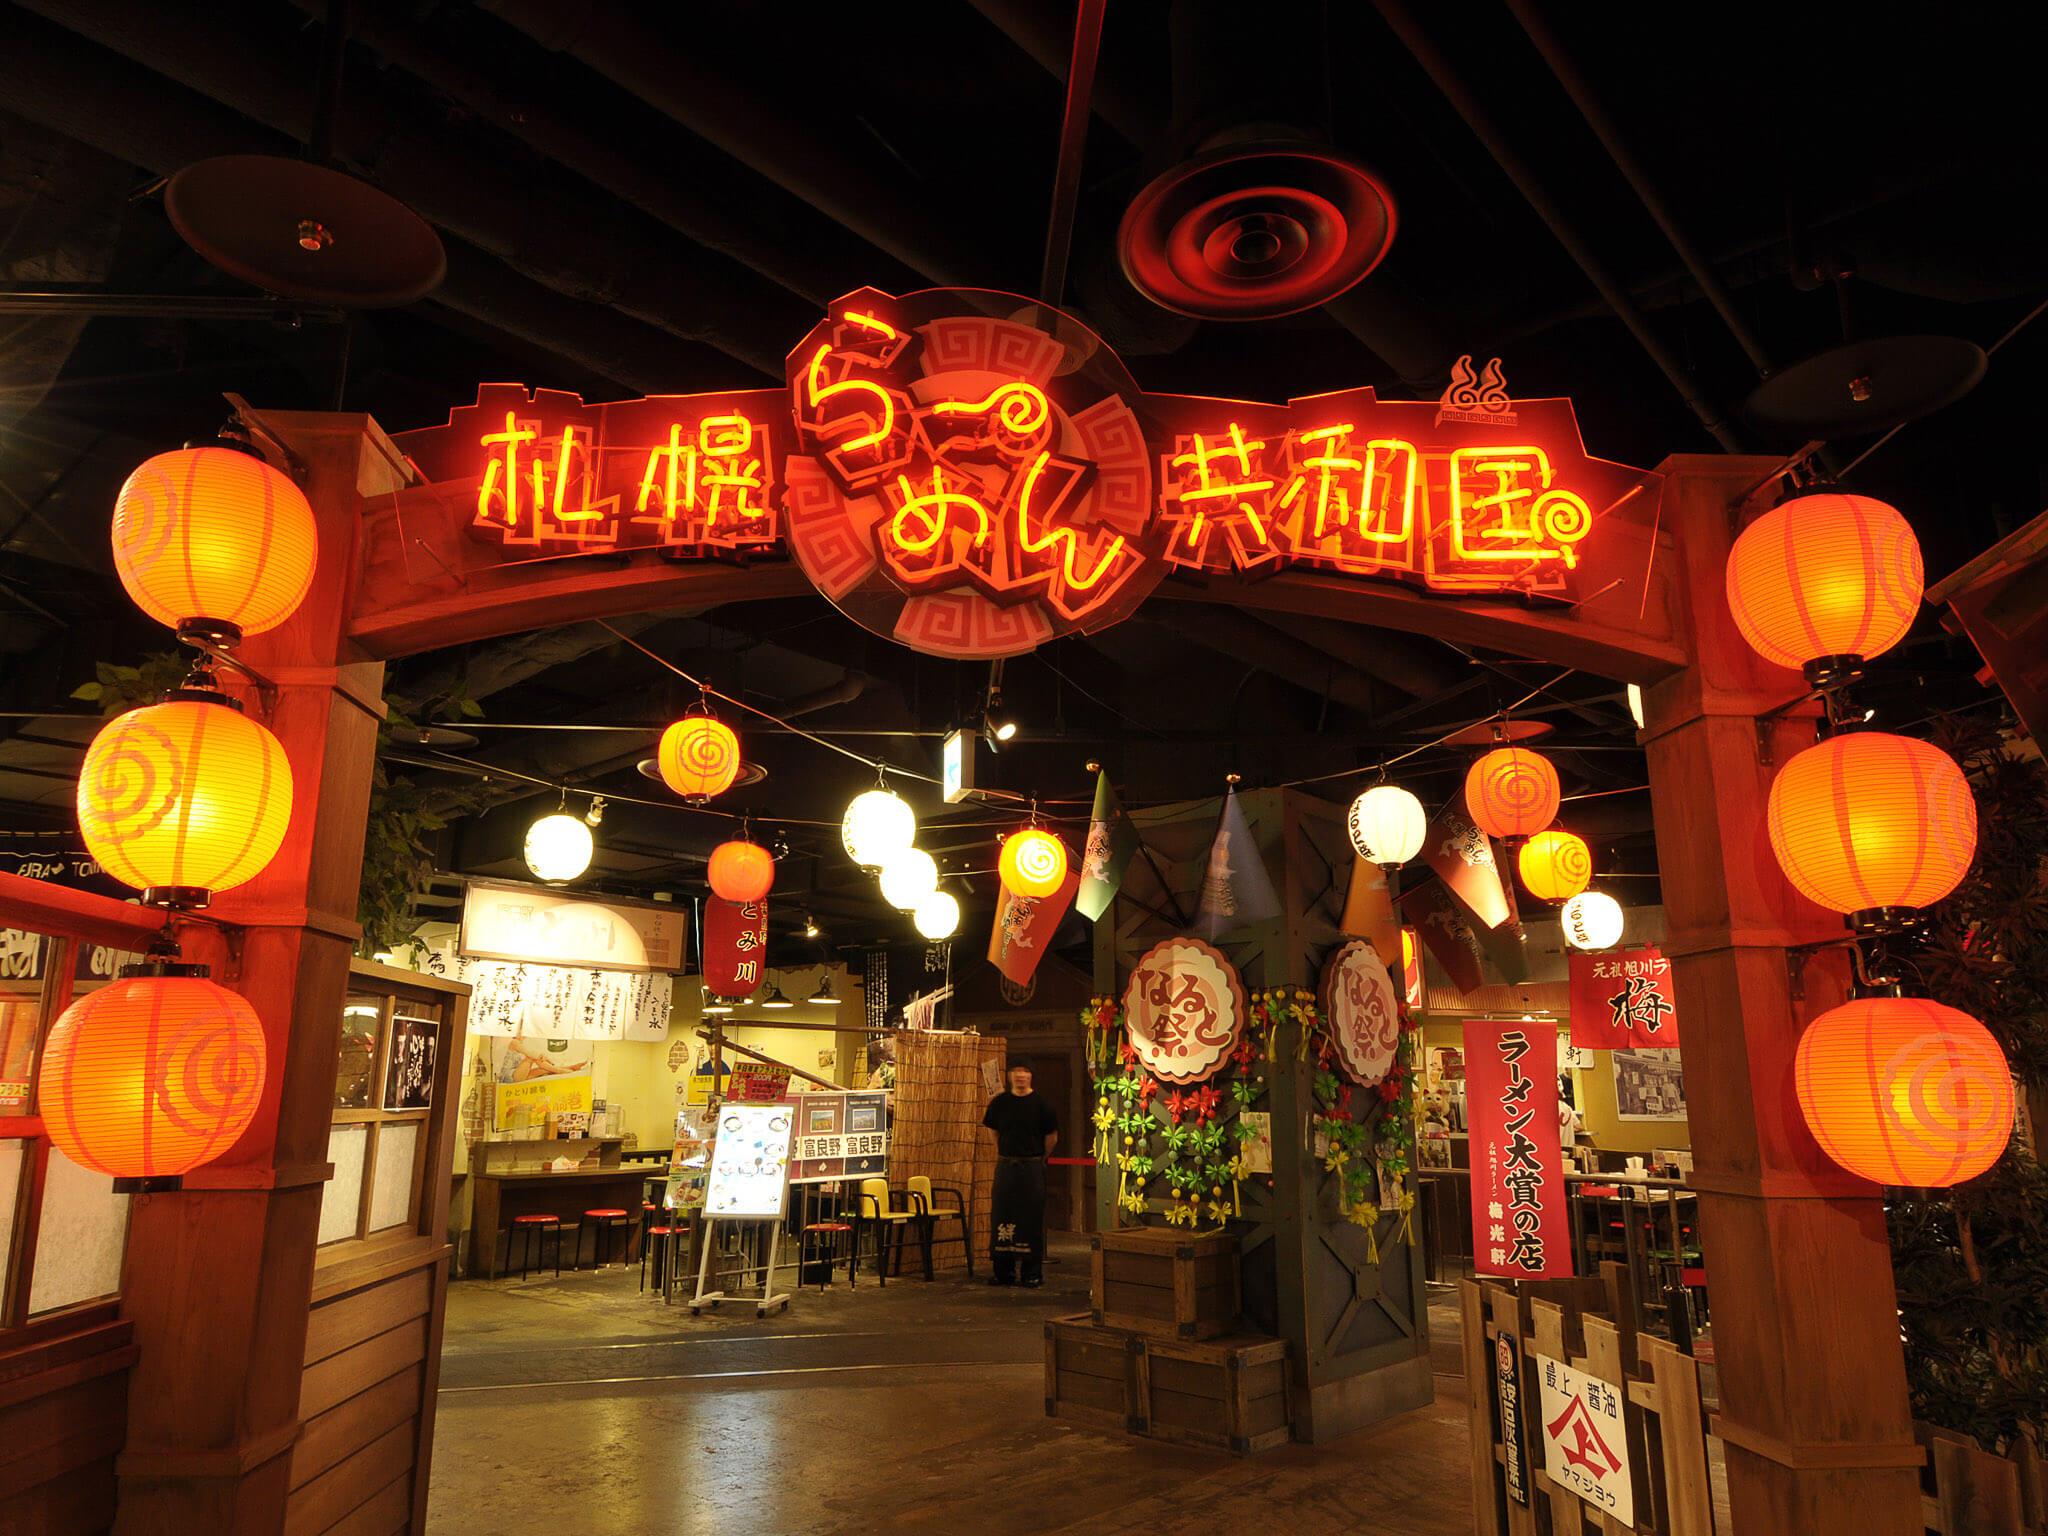 拉麵愛好者的美食天堂!札幌拉麵共和國